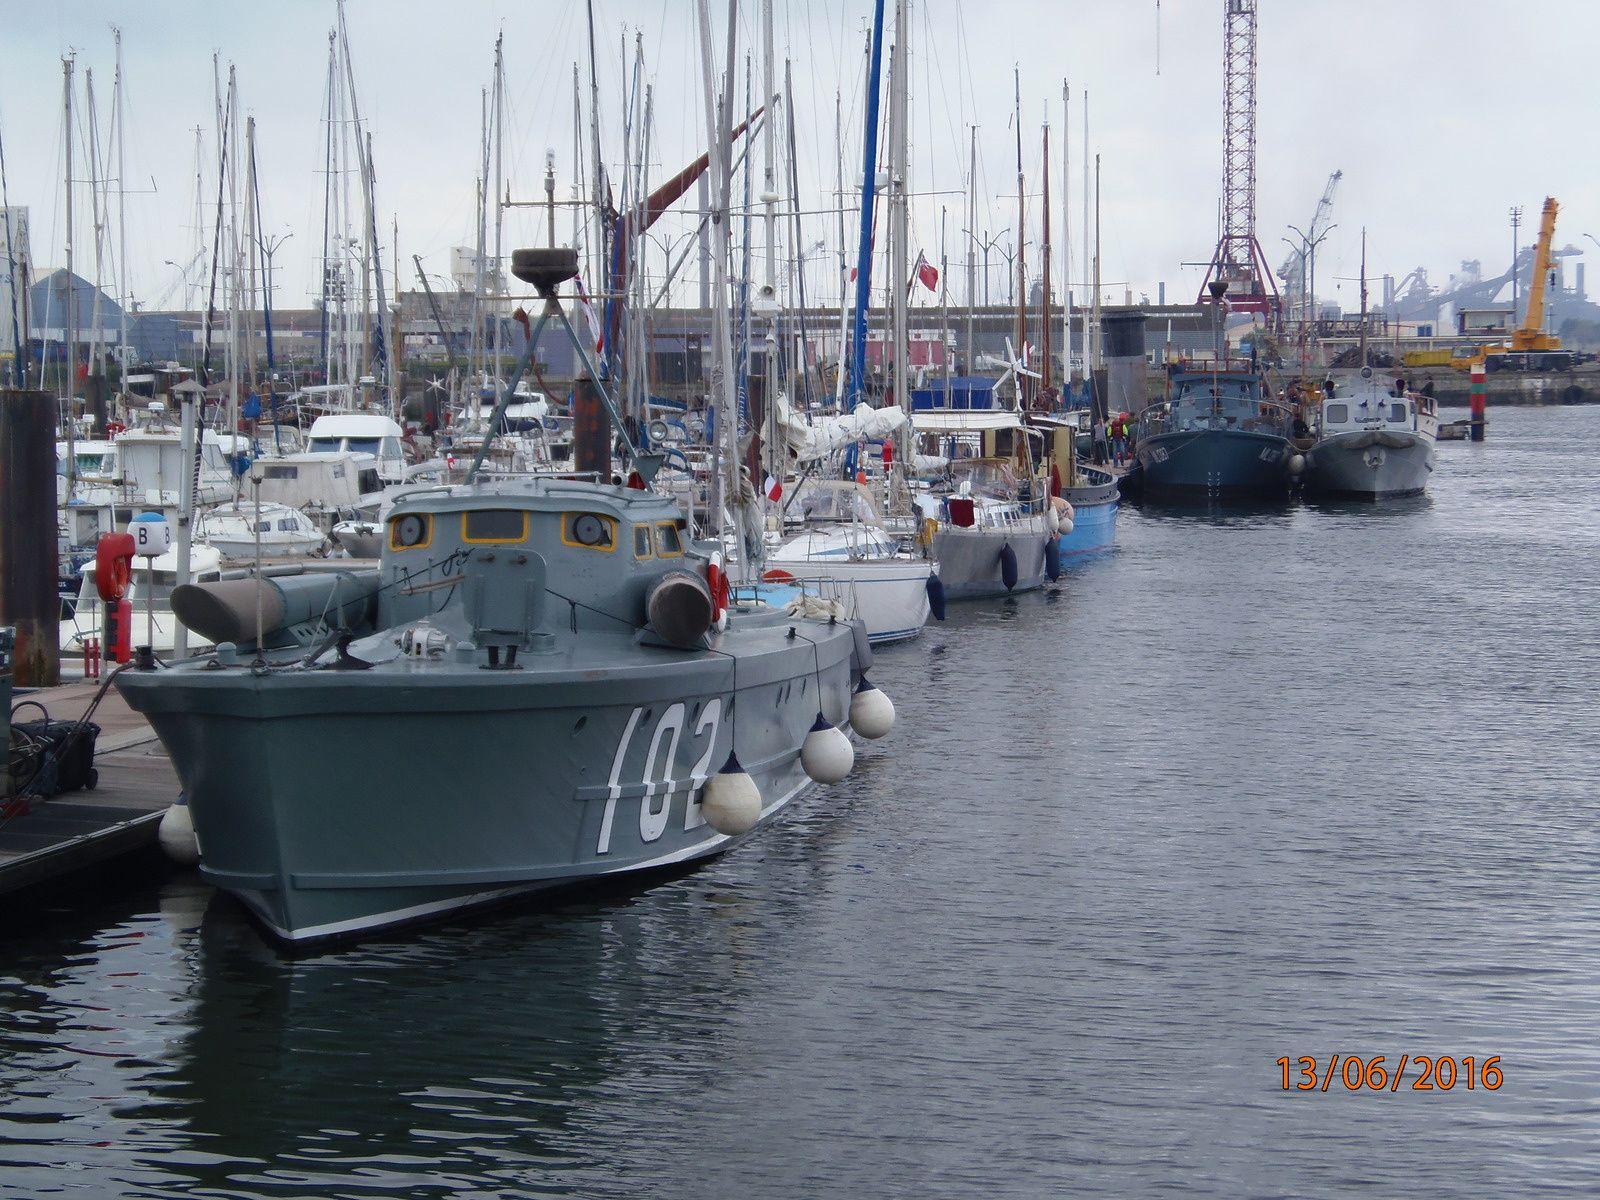 Là, grosse activité dans le port, dû au tournage du film de Christopher Golan « Dunkirk » Rencontre à bord du voilier Port de Gravelines (ex : La Poste) de son Skipper attitré, fameux bateau et marin.